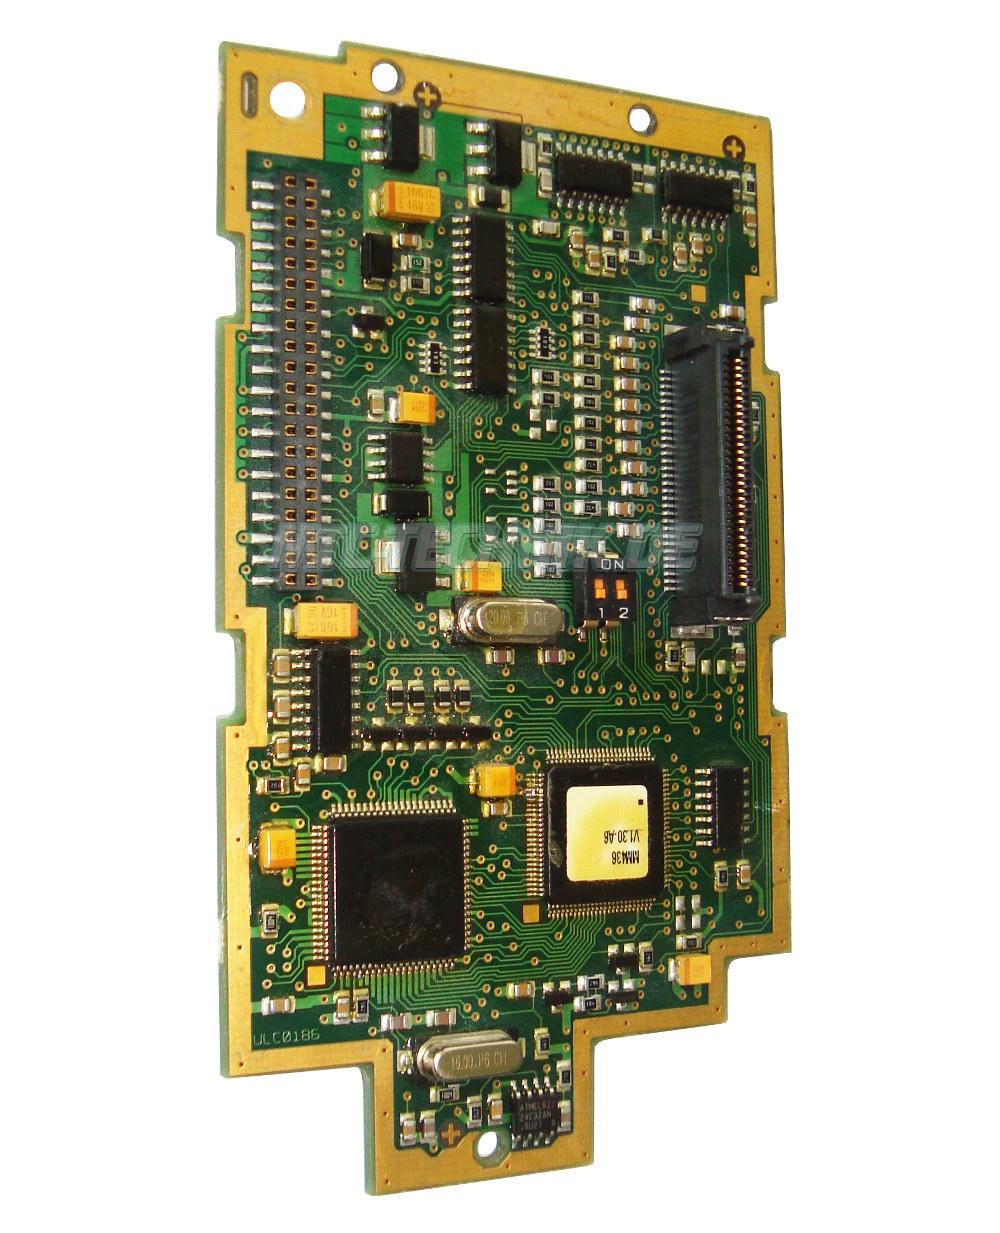 1 SIEMENS BOARD A5E00687486 MICROMASTER 430